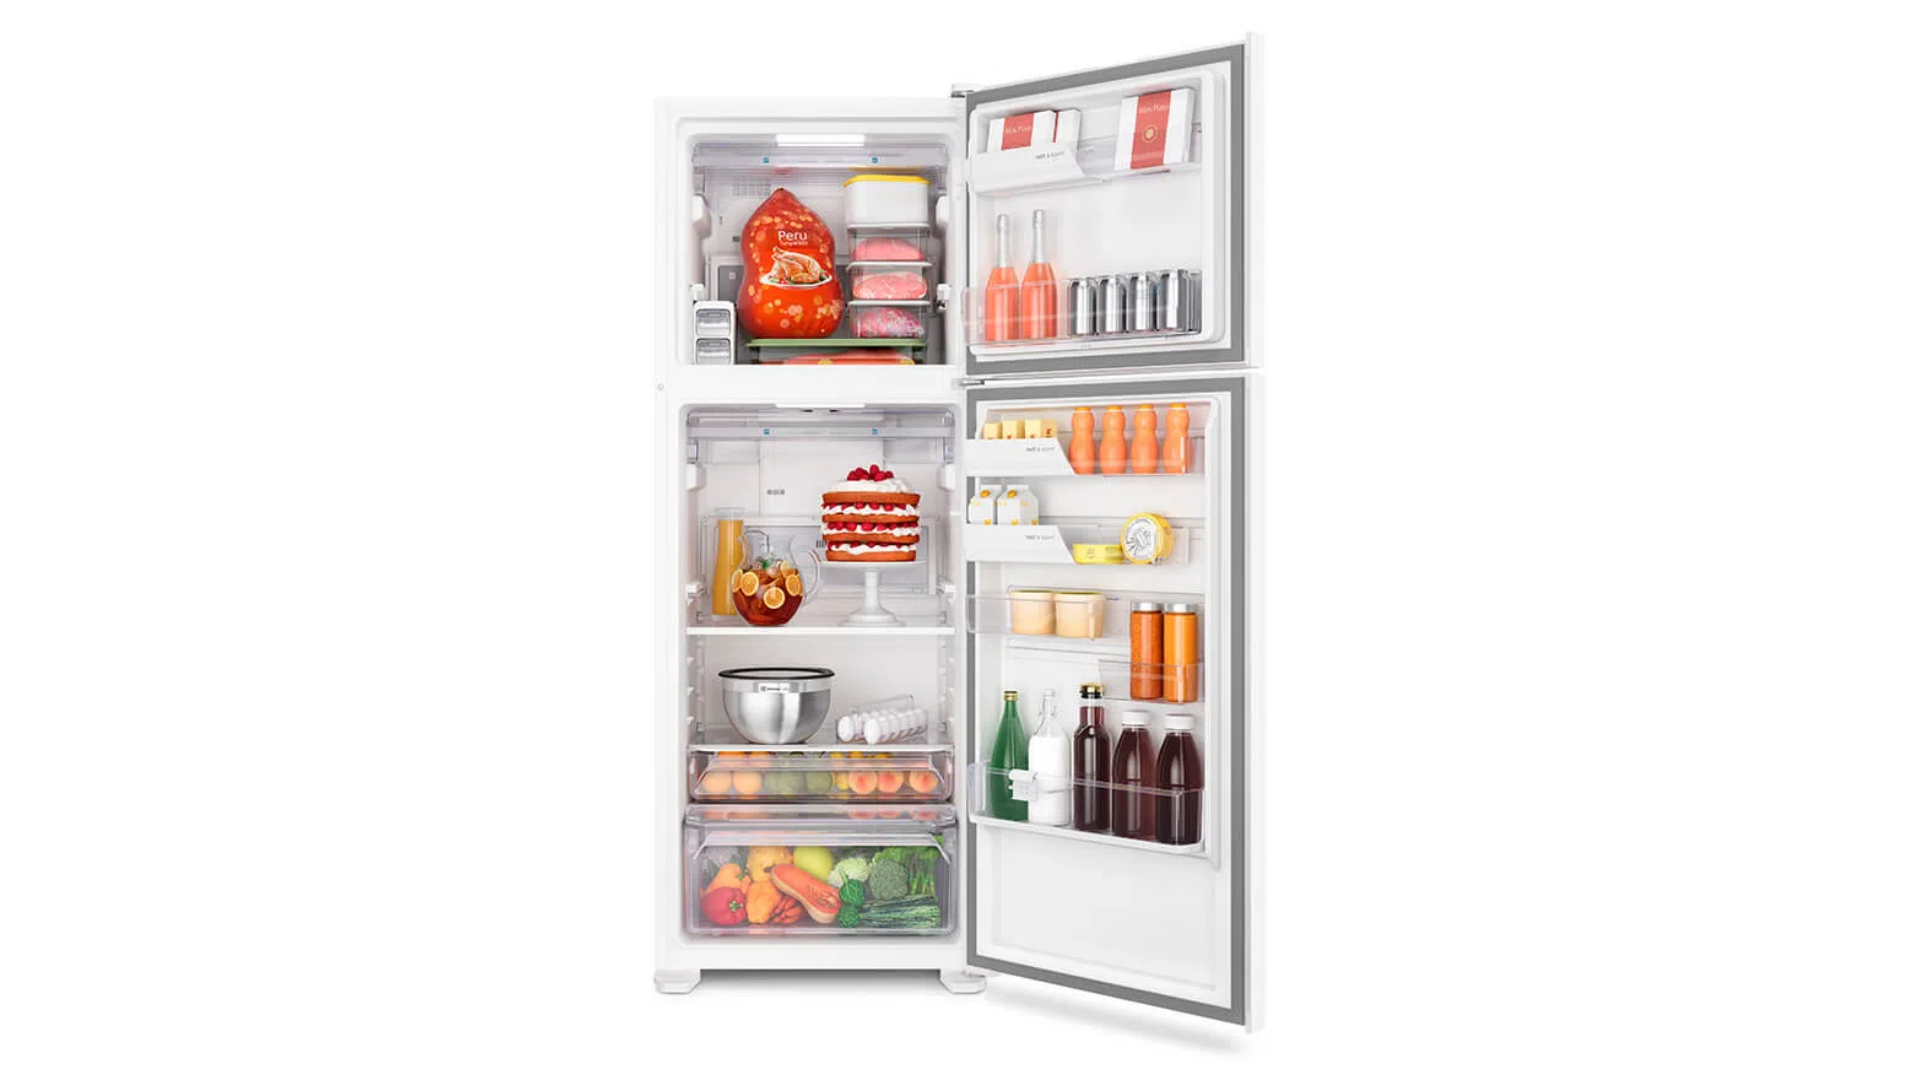 A geladeira da Electrolux tem capacidade total de de 474 litros (Imagem: Divulgação/Electrolux)